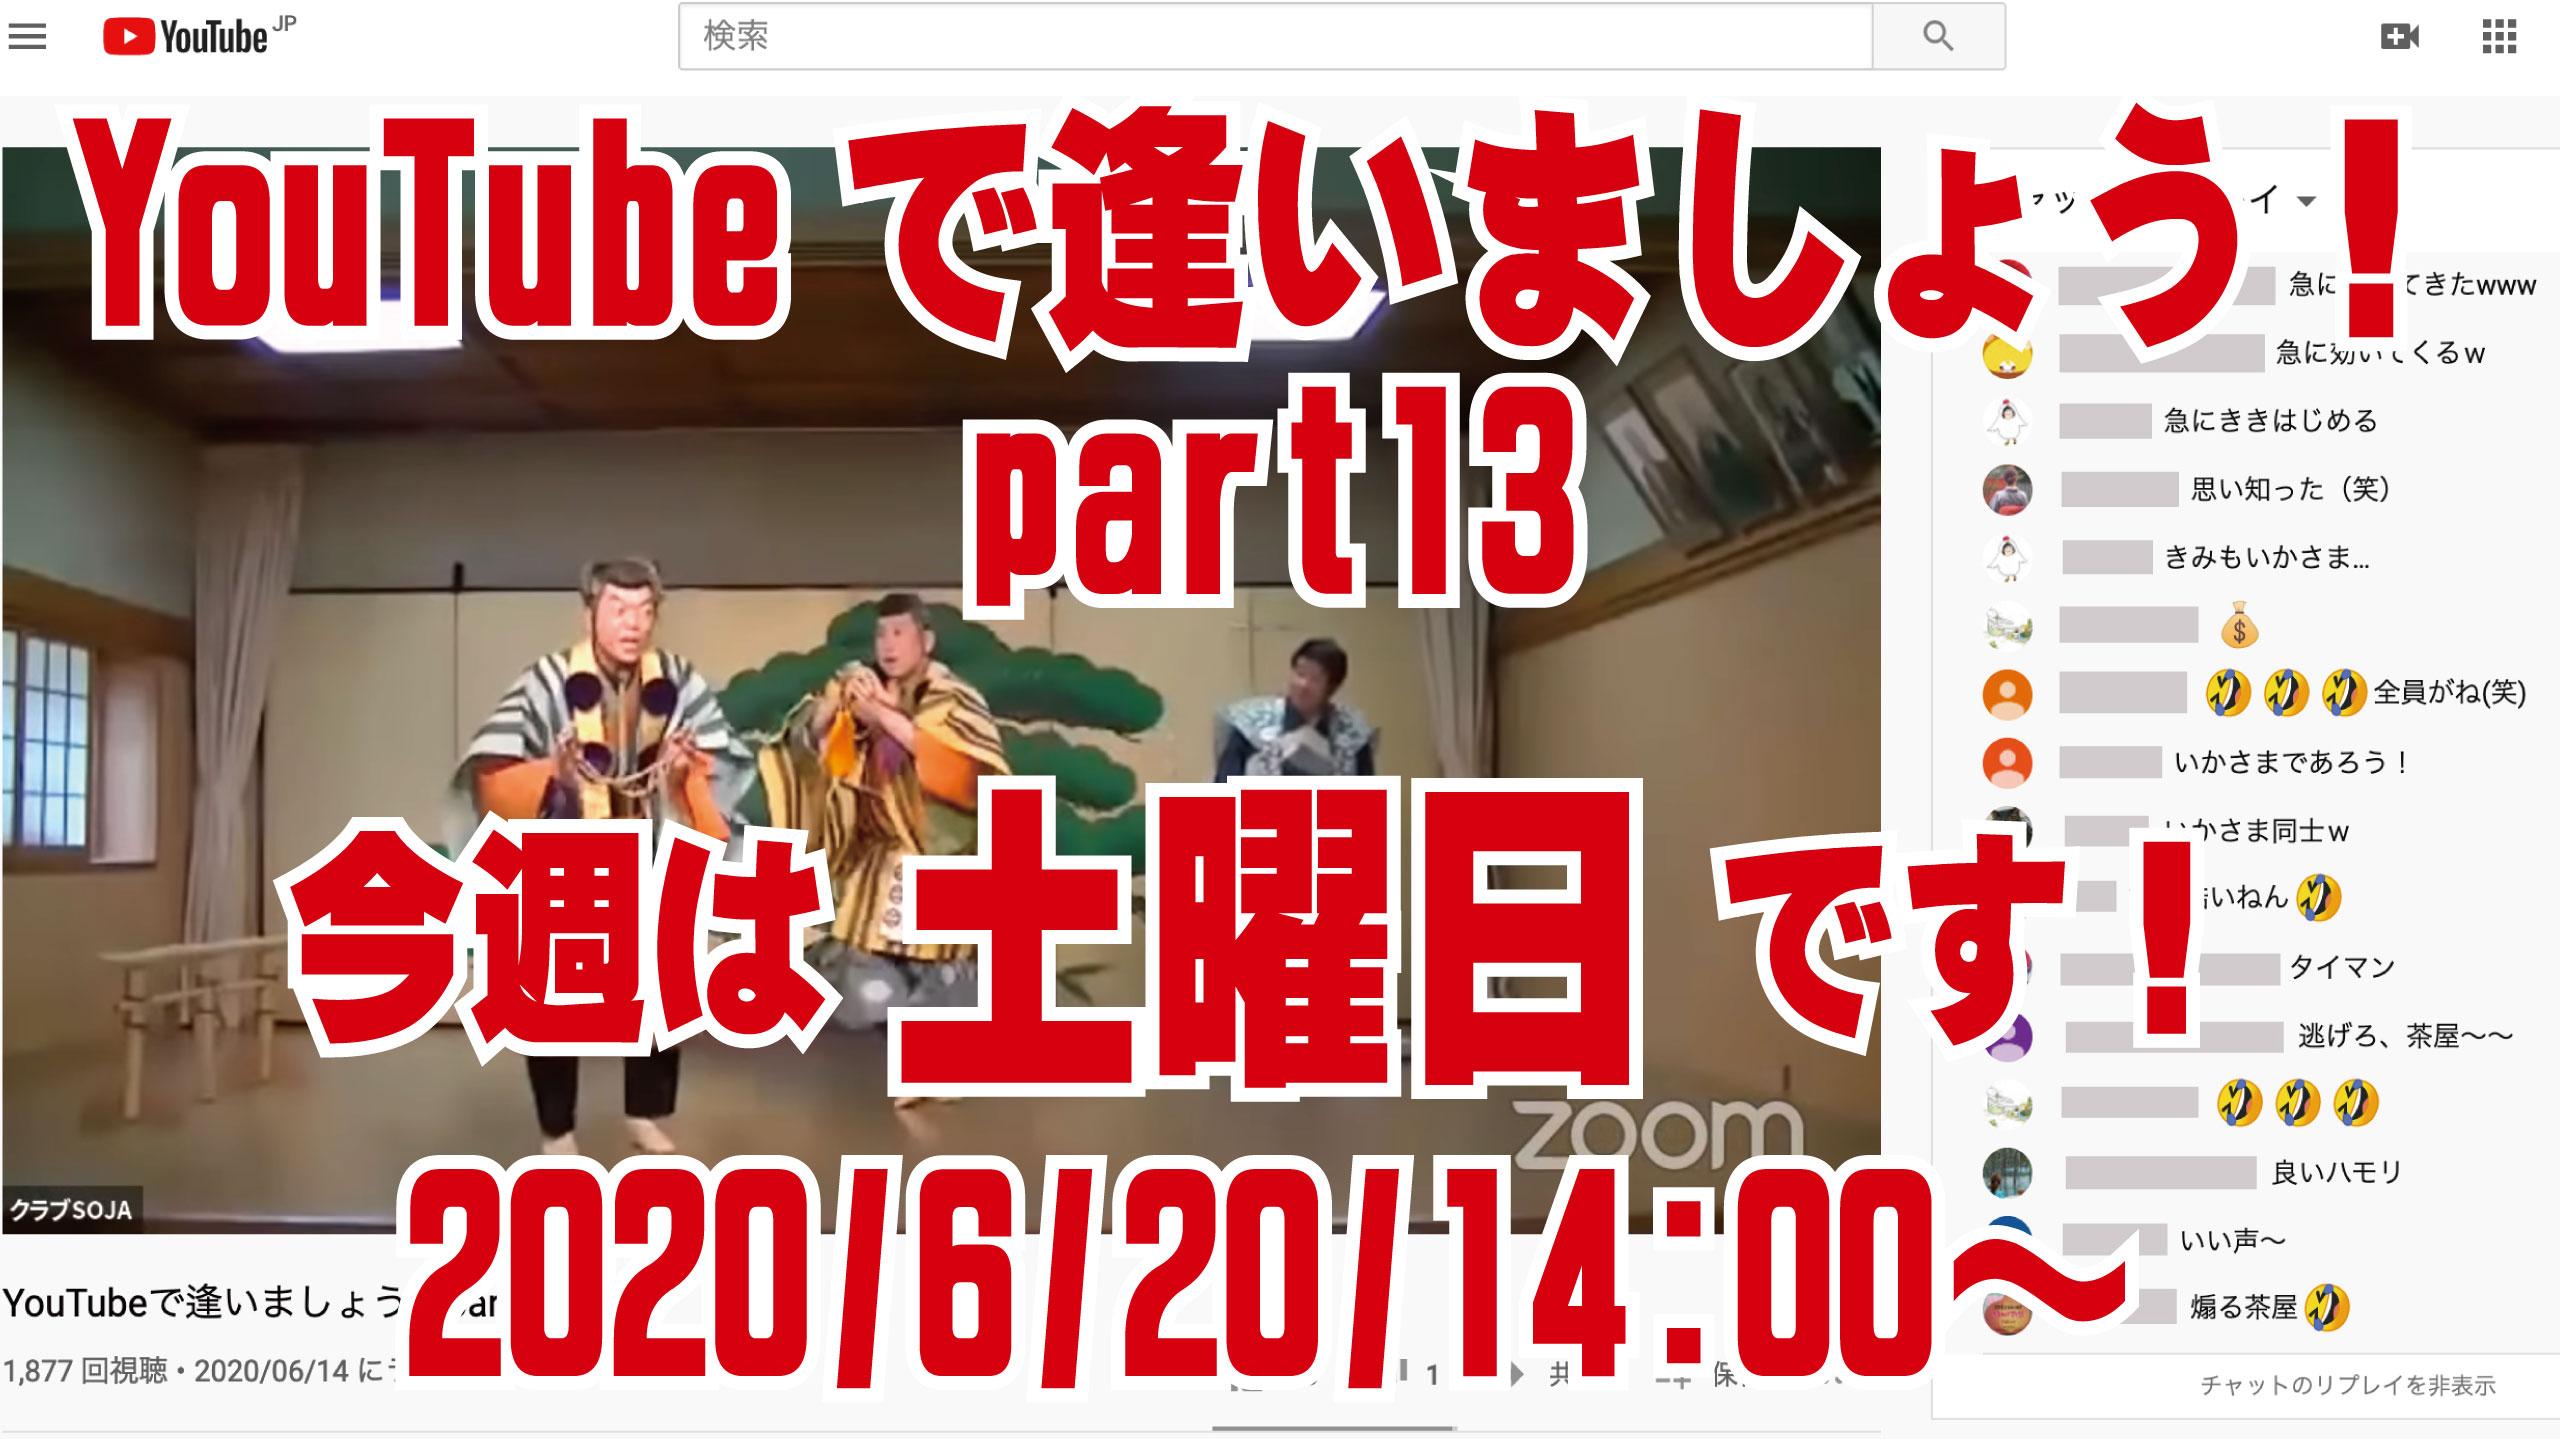 YouTubeで逢いましょう!part13~祝!色々あって今週は土曜日!~